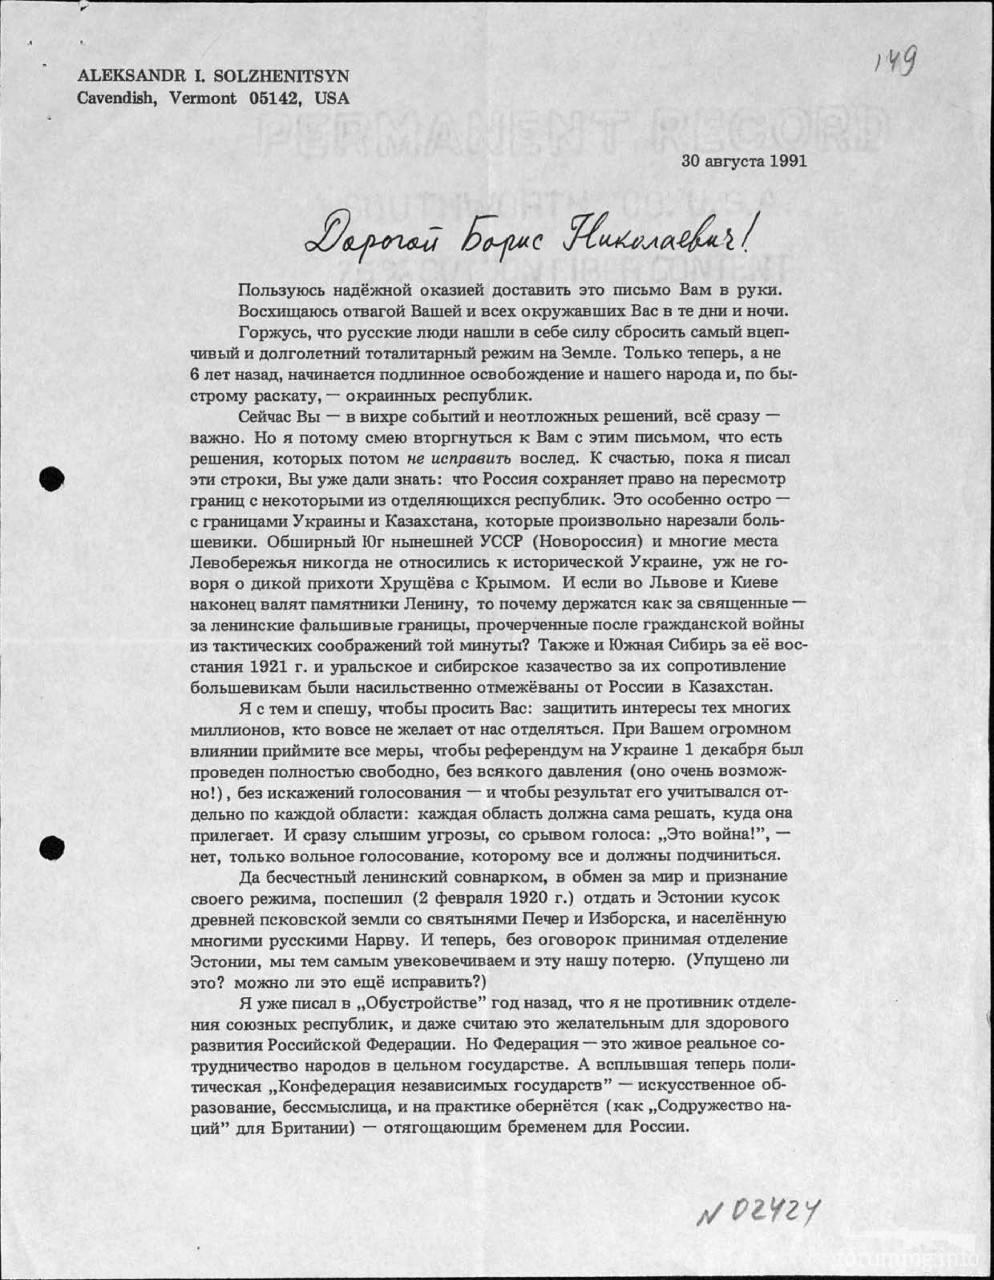 125401 - А в России чудеса!